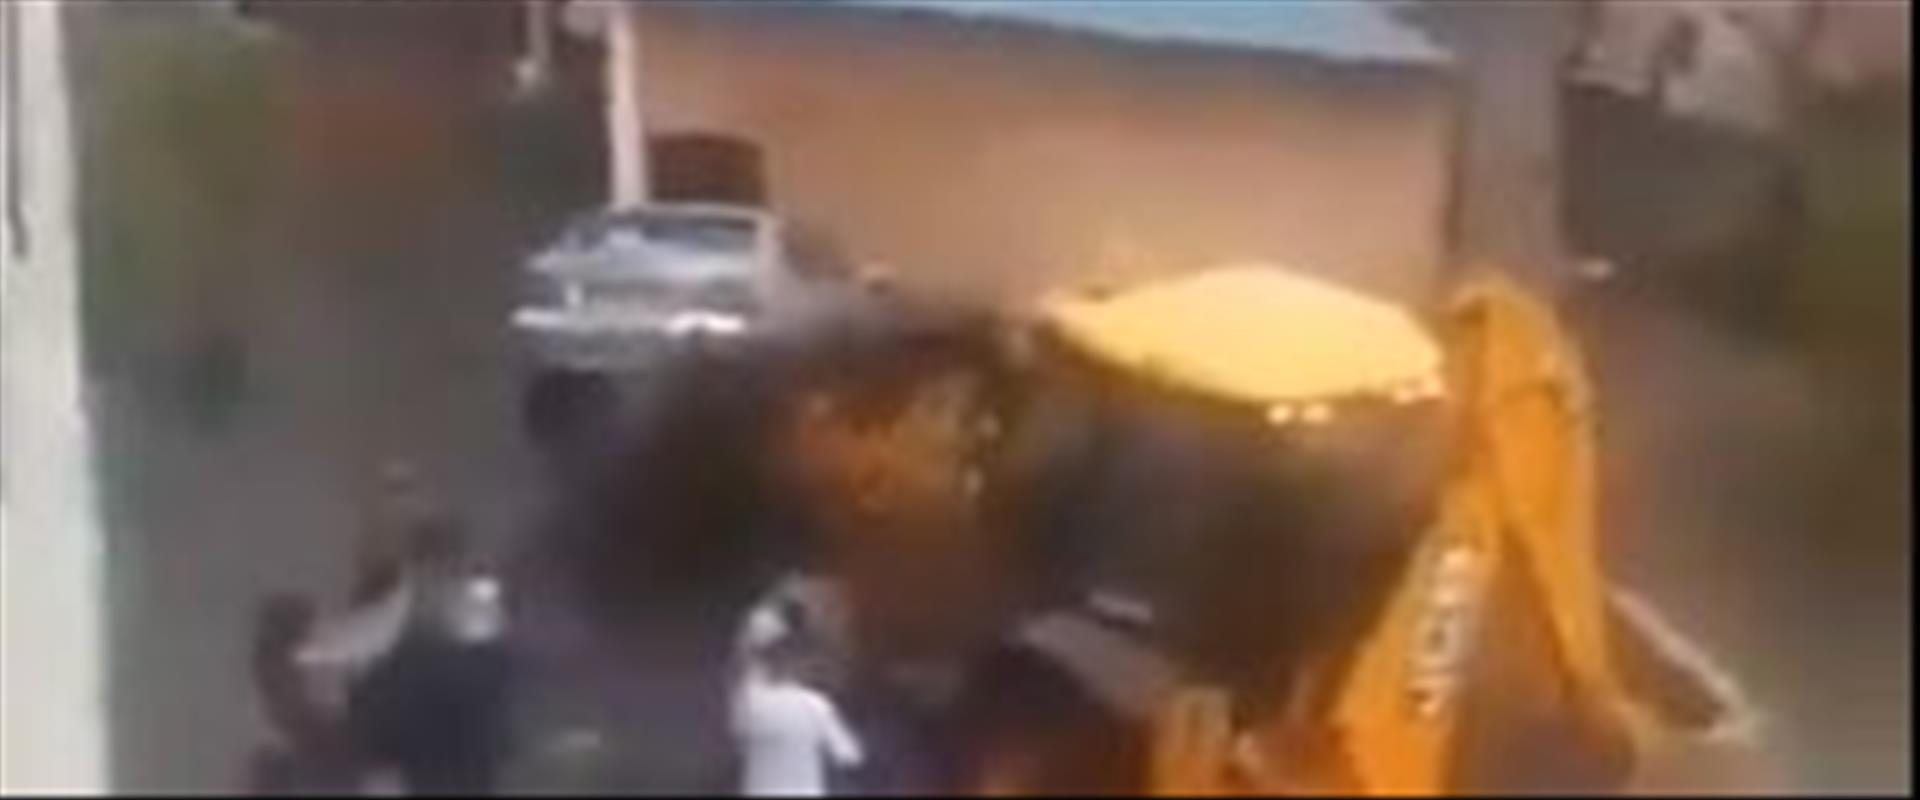 טרקטור מנגח מכונית בעראבה